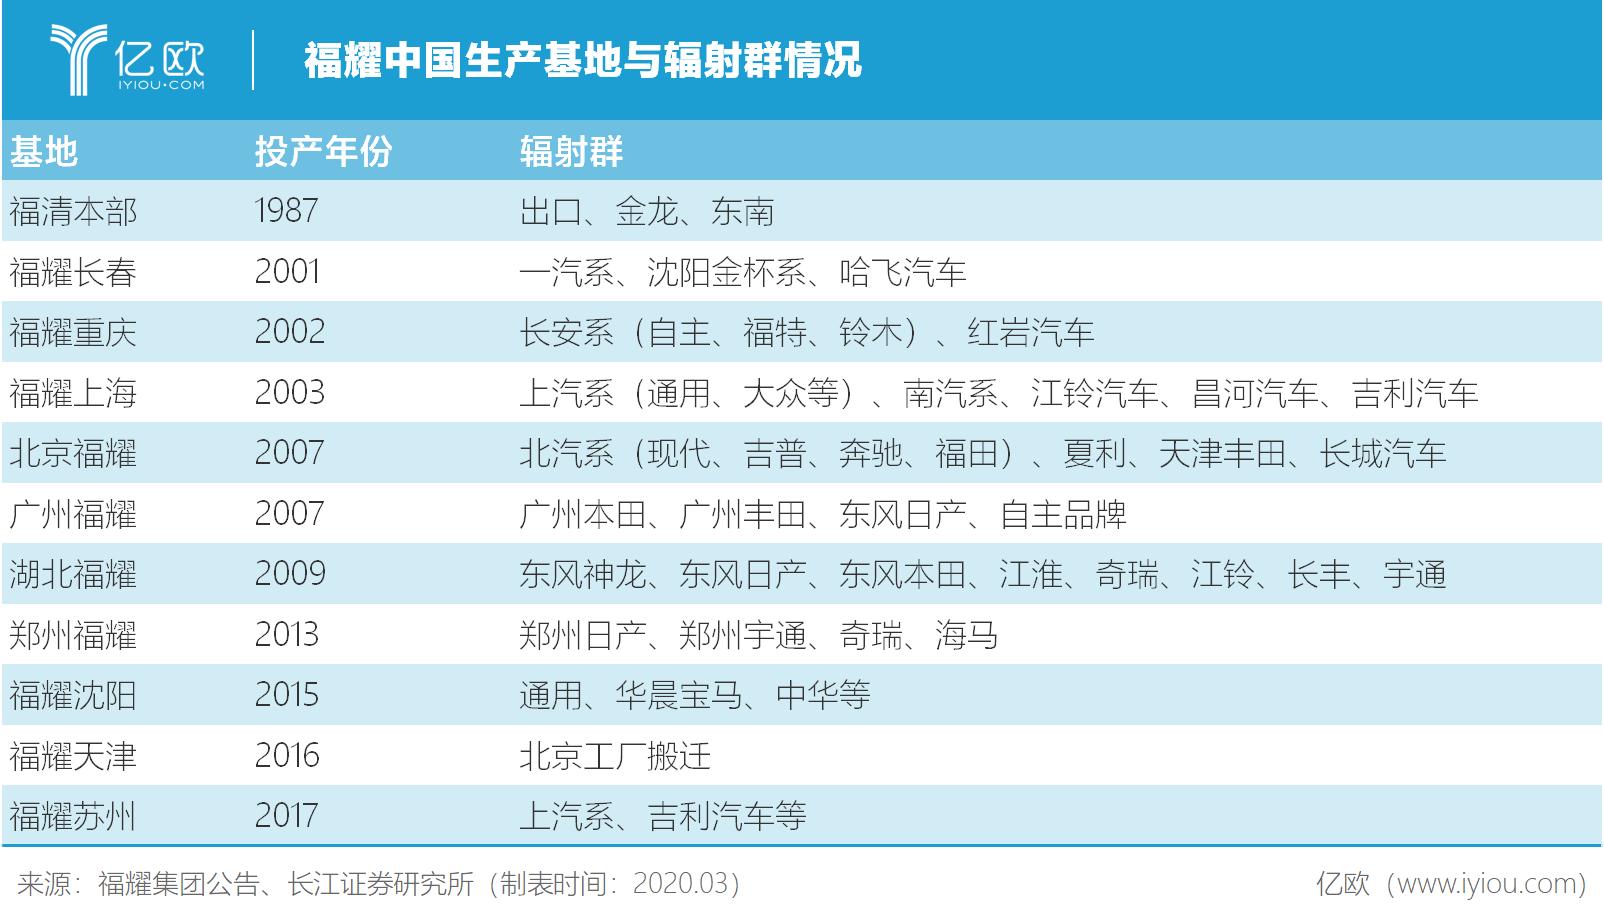 福耀中国生产基地与辐射群情况